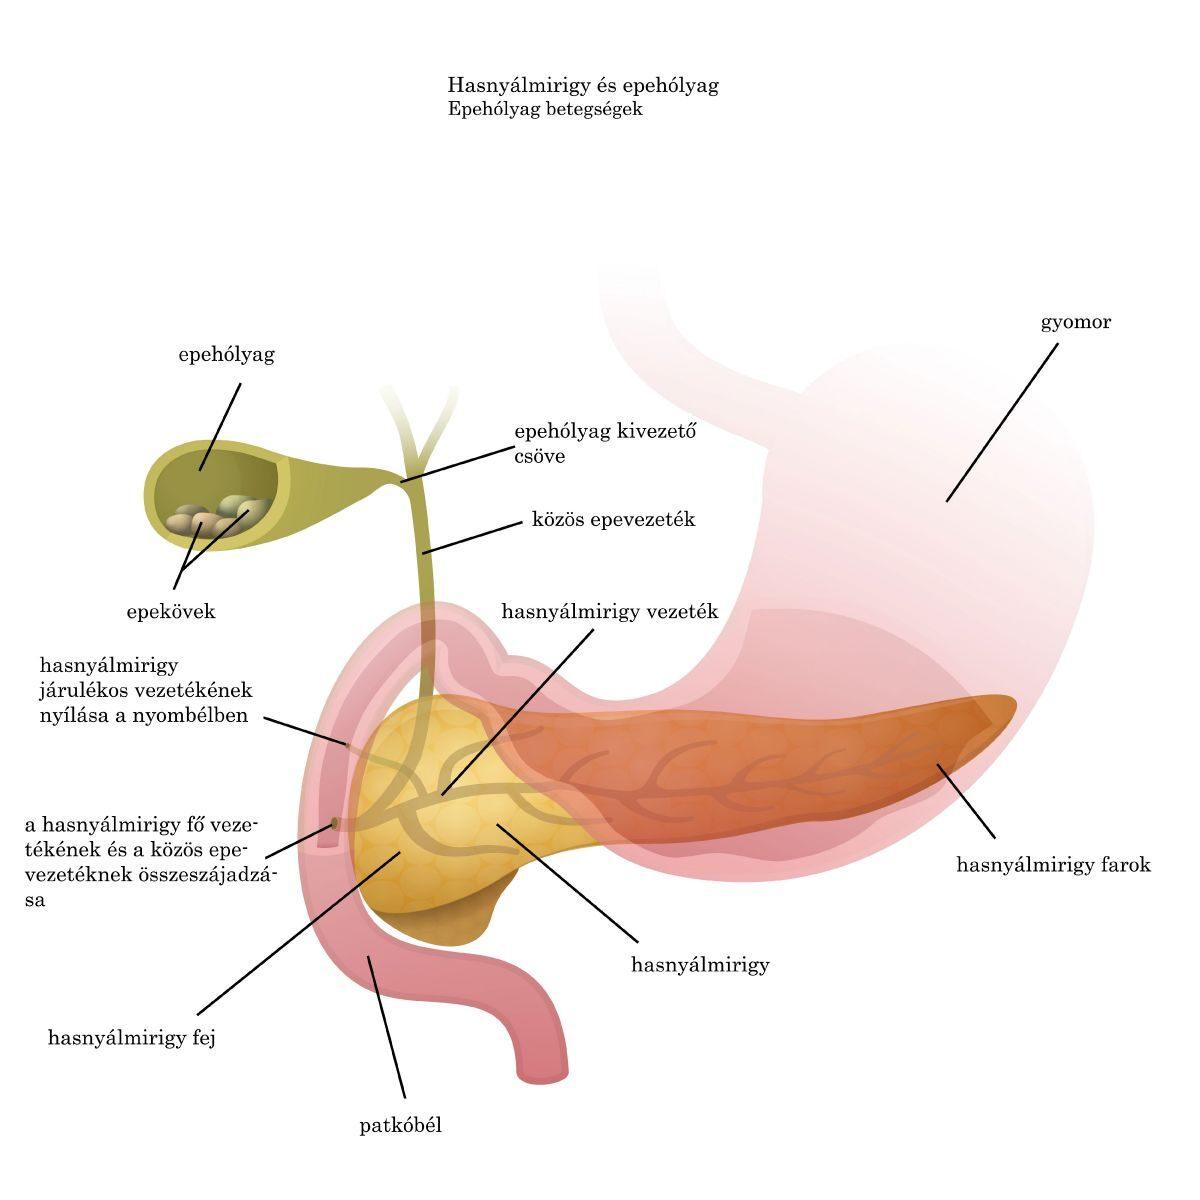 helminták az epehólyag kezelésében